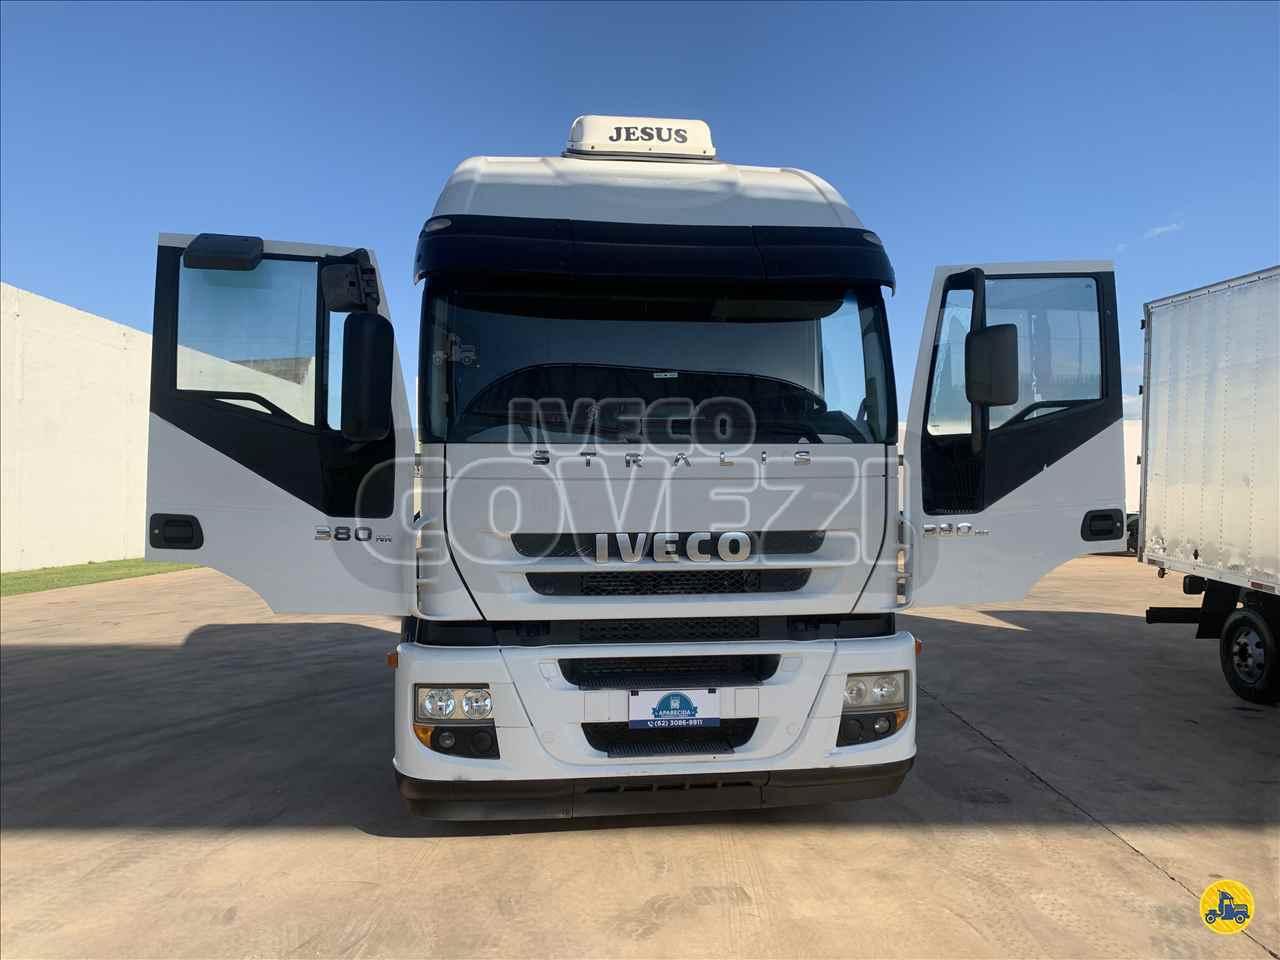 CAMINHAO IVECO STRALIS 380 Cavalo Mecânico Truck 6x2 Aparecida Caminhões e Carretas APARECIDA DE GOIANIA GOIAS GO